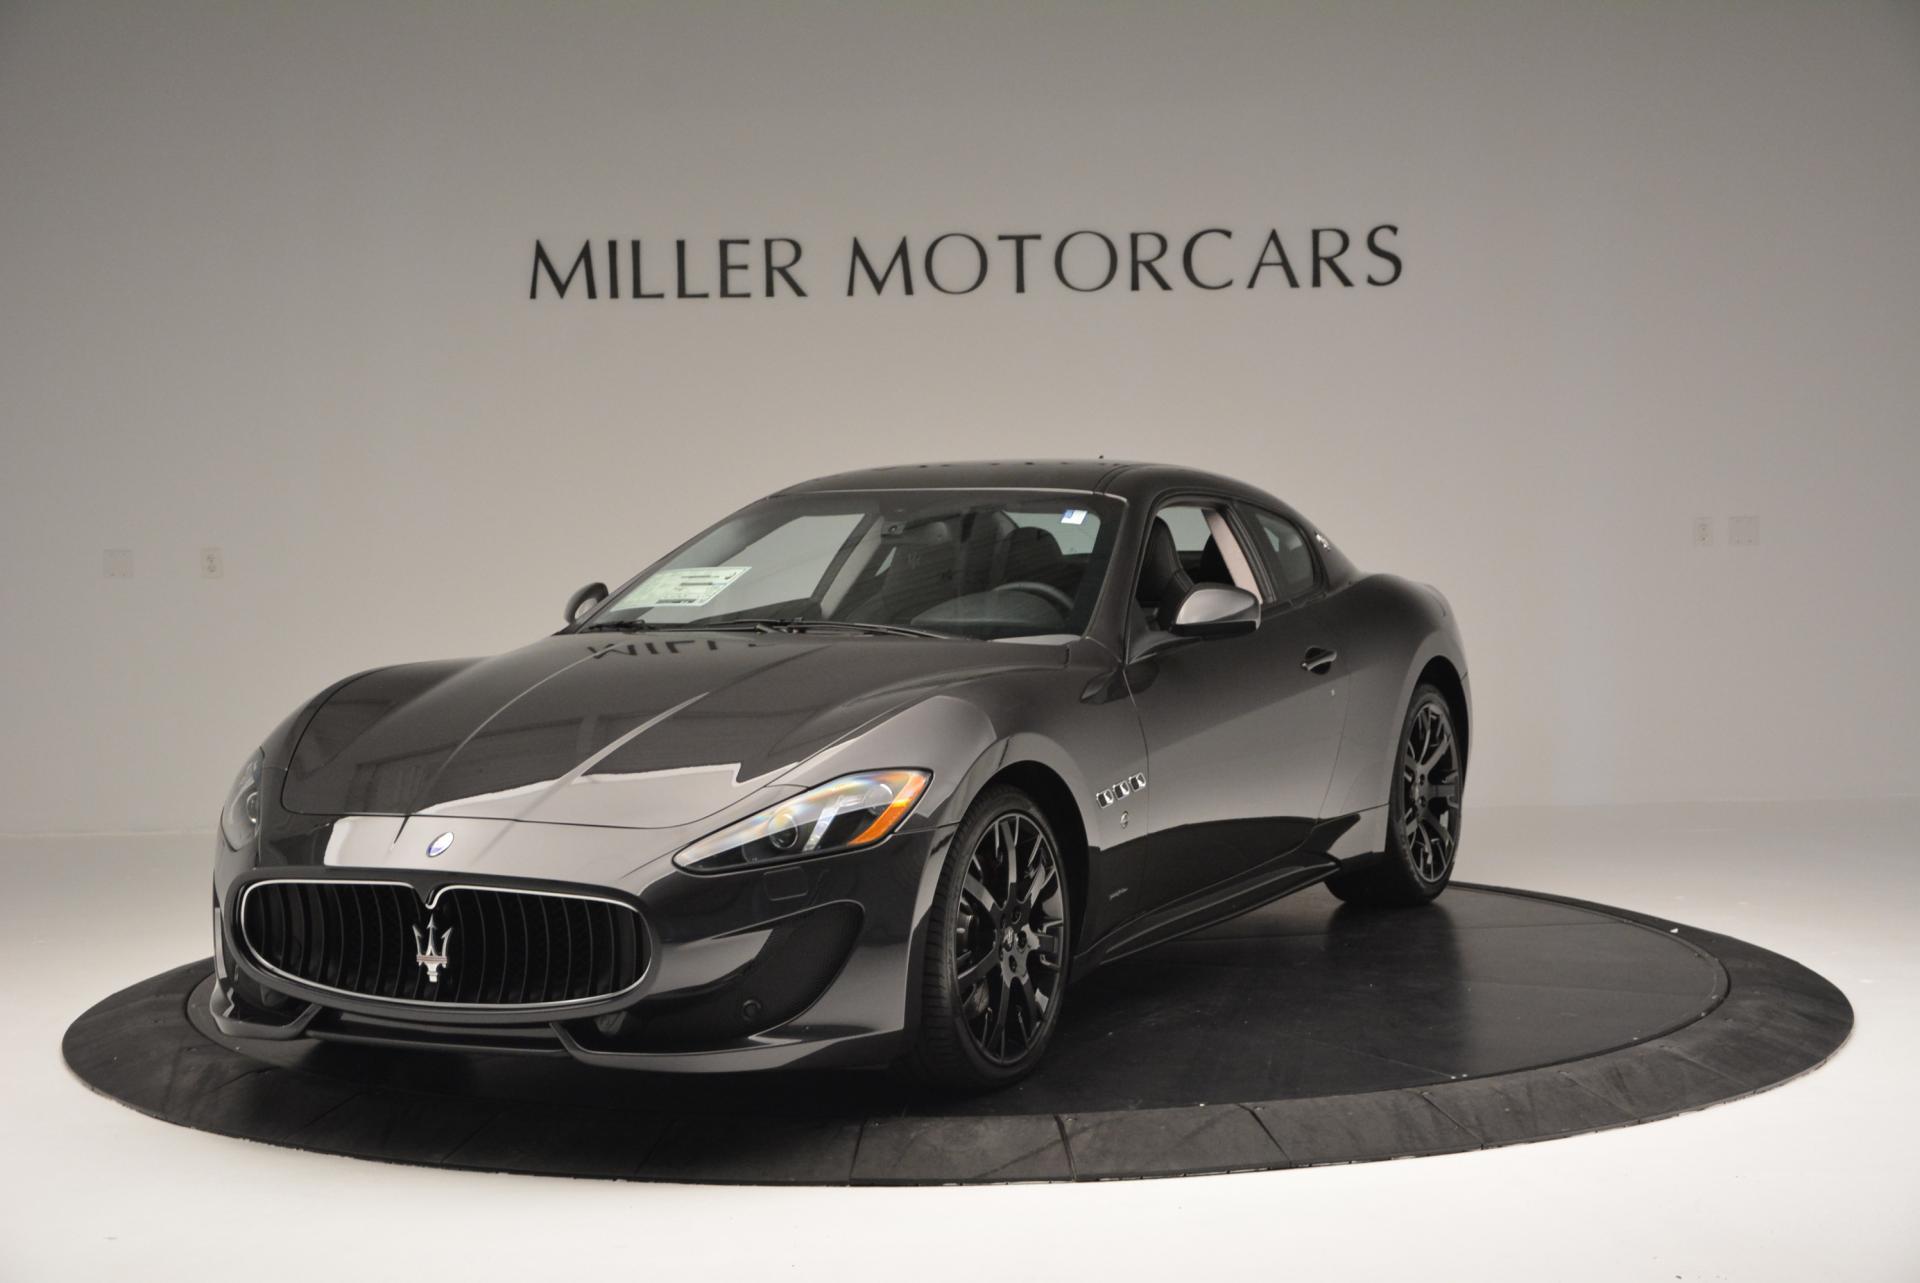 New 2016 Maserati GranTurismo Sport For Sale In Greenwich, CT 165_main